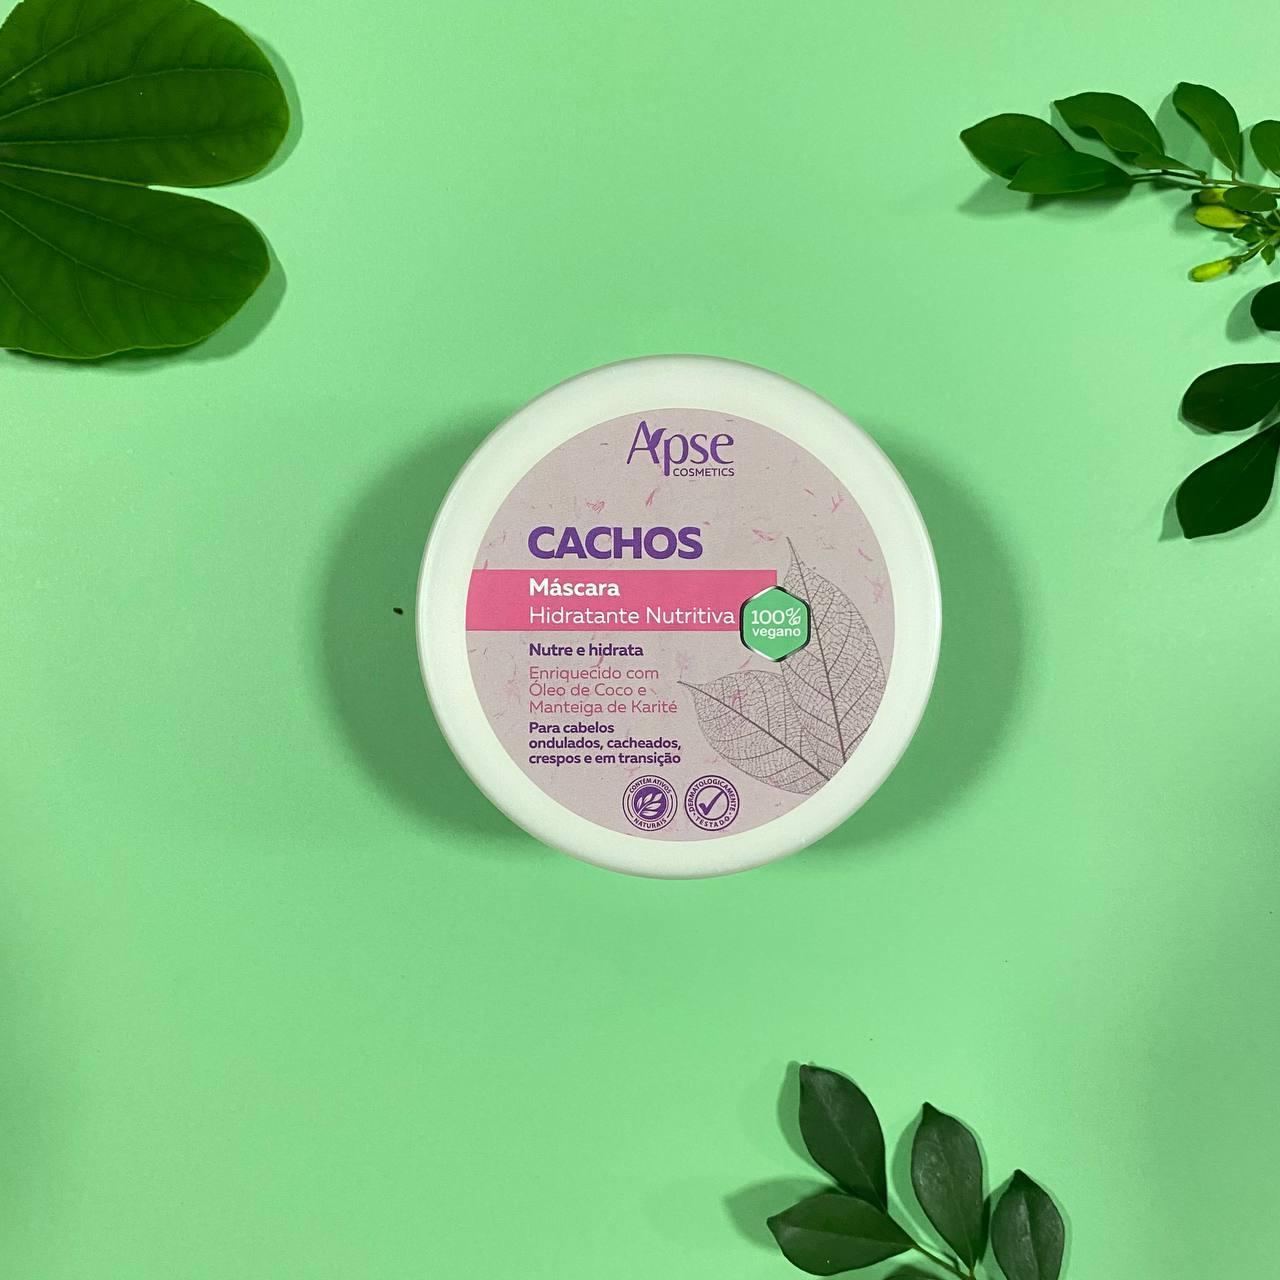 Máscara Hidratante Nutritiva Cachos - Apse Cosmetics 300g